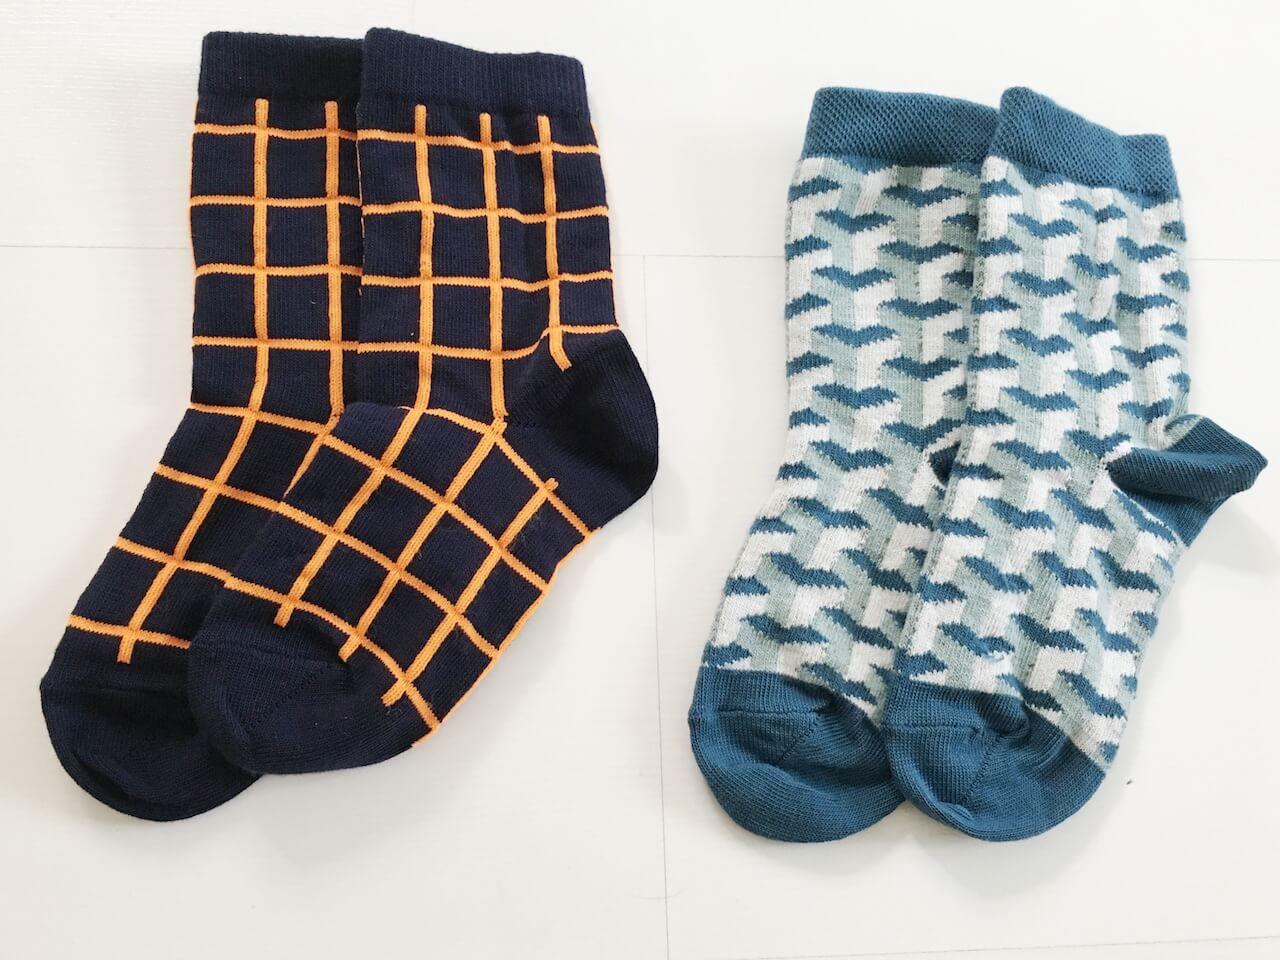 sokken 2 - 5x leuke sokken voor kinderen én volwassenen